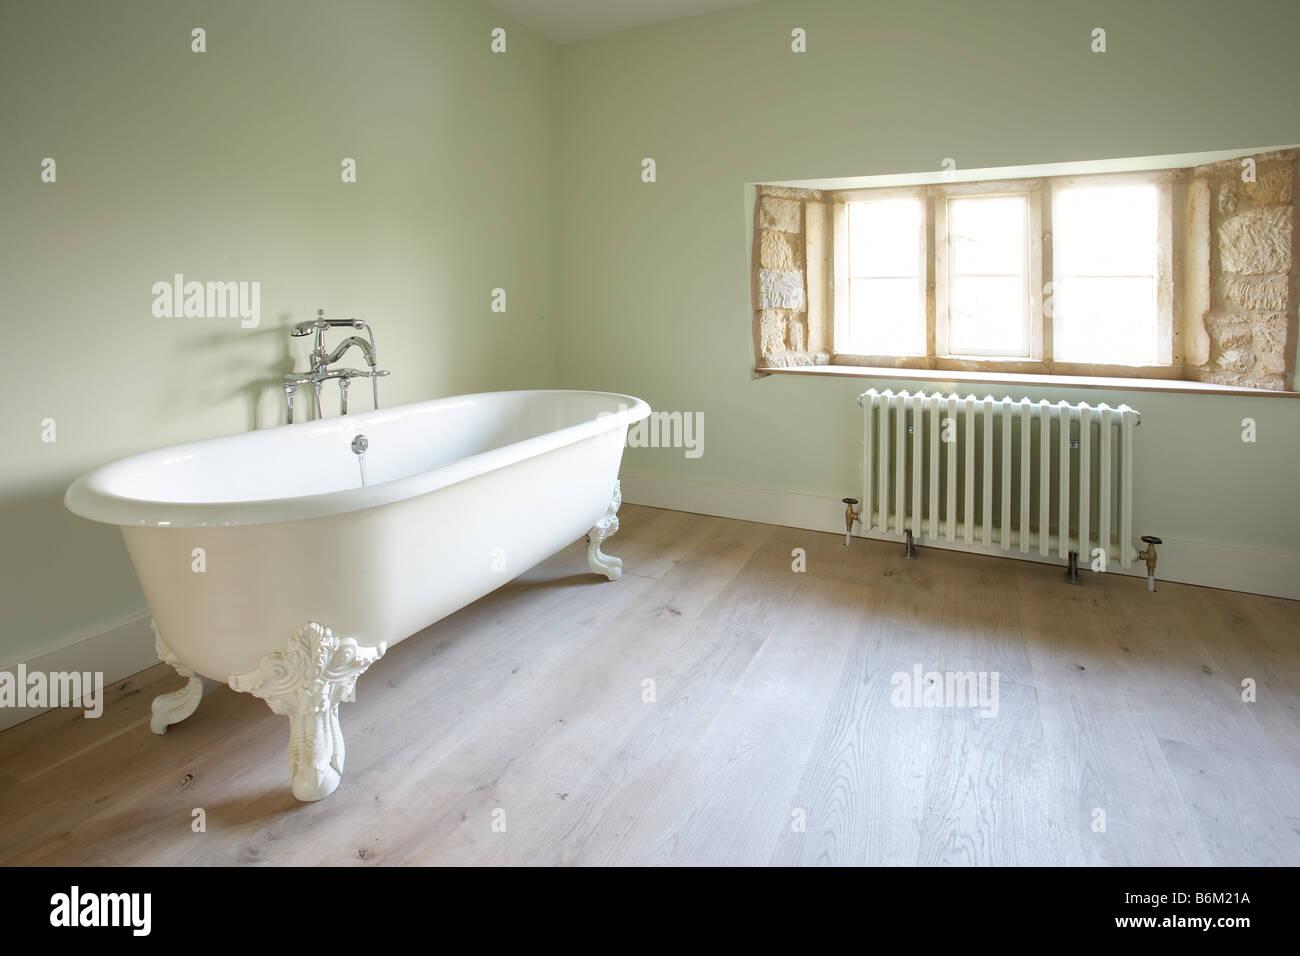 Faience Coloree Salle De Bain ~ Blanc De Style Victorien Sur Pieds Baignoire Baignoire Dans Salle De